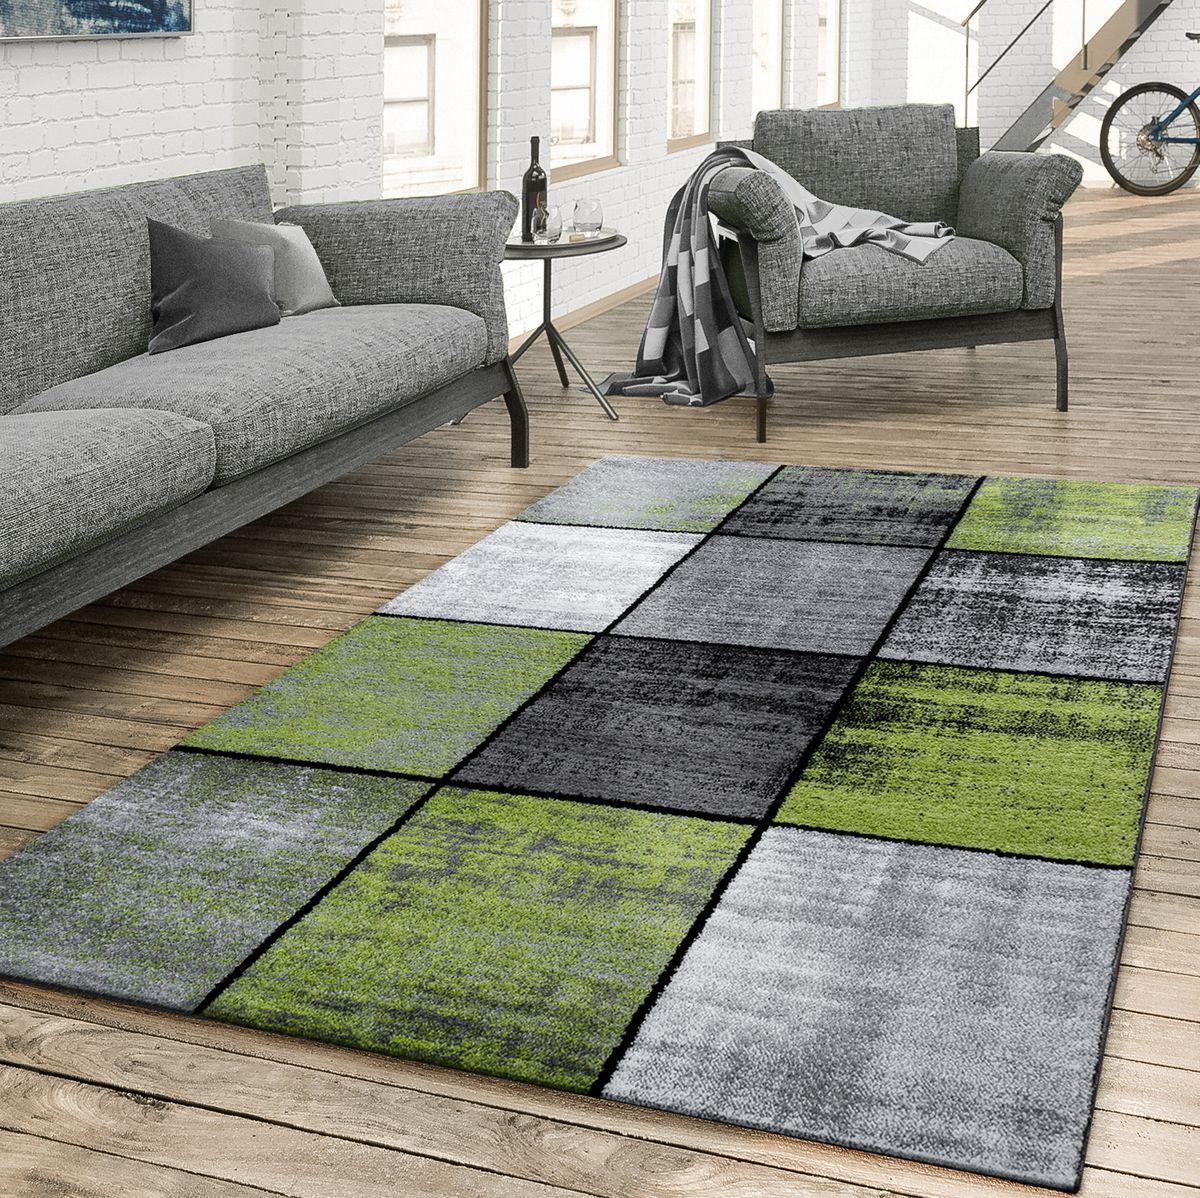 Full Size of Wohnzimmer Teppich Tipps Teppich Im Wohnzimmer Platzieren Wohnzimmer Teppich Ebay Kleinanzeigen Wohnzimmer Teppich Türkis Weiß Wohnzimmer Wohnzimmer Teppich